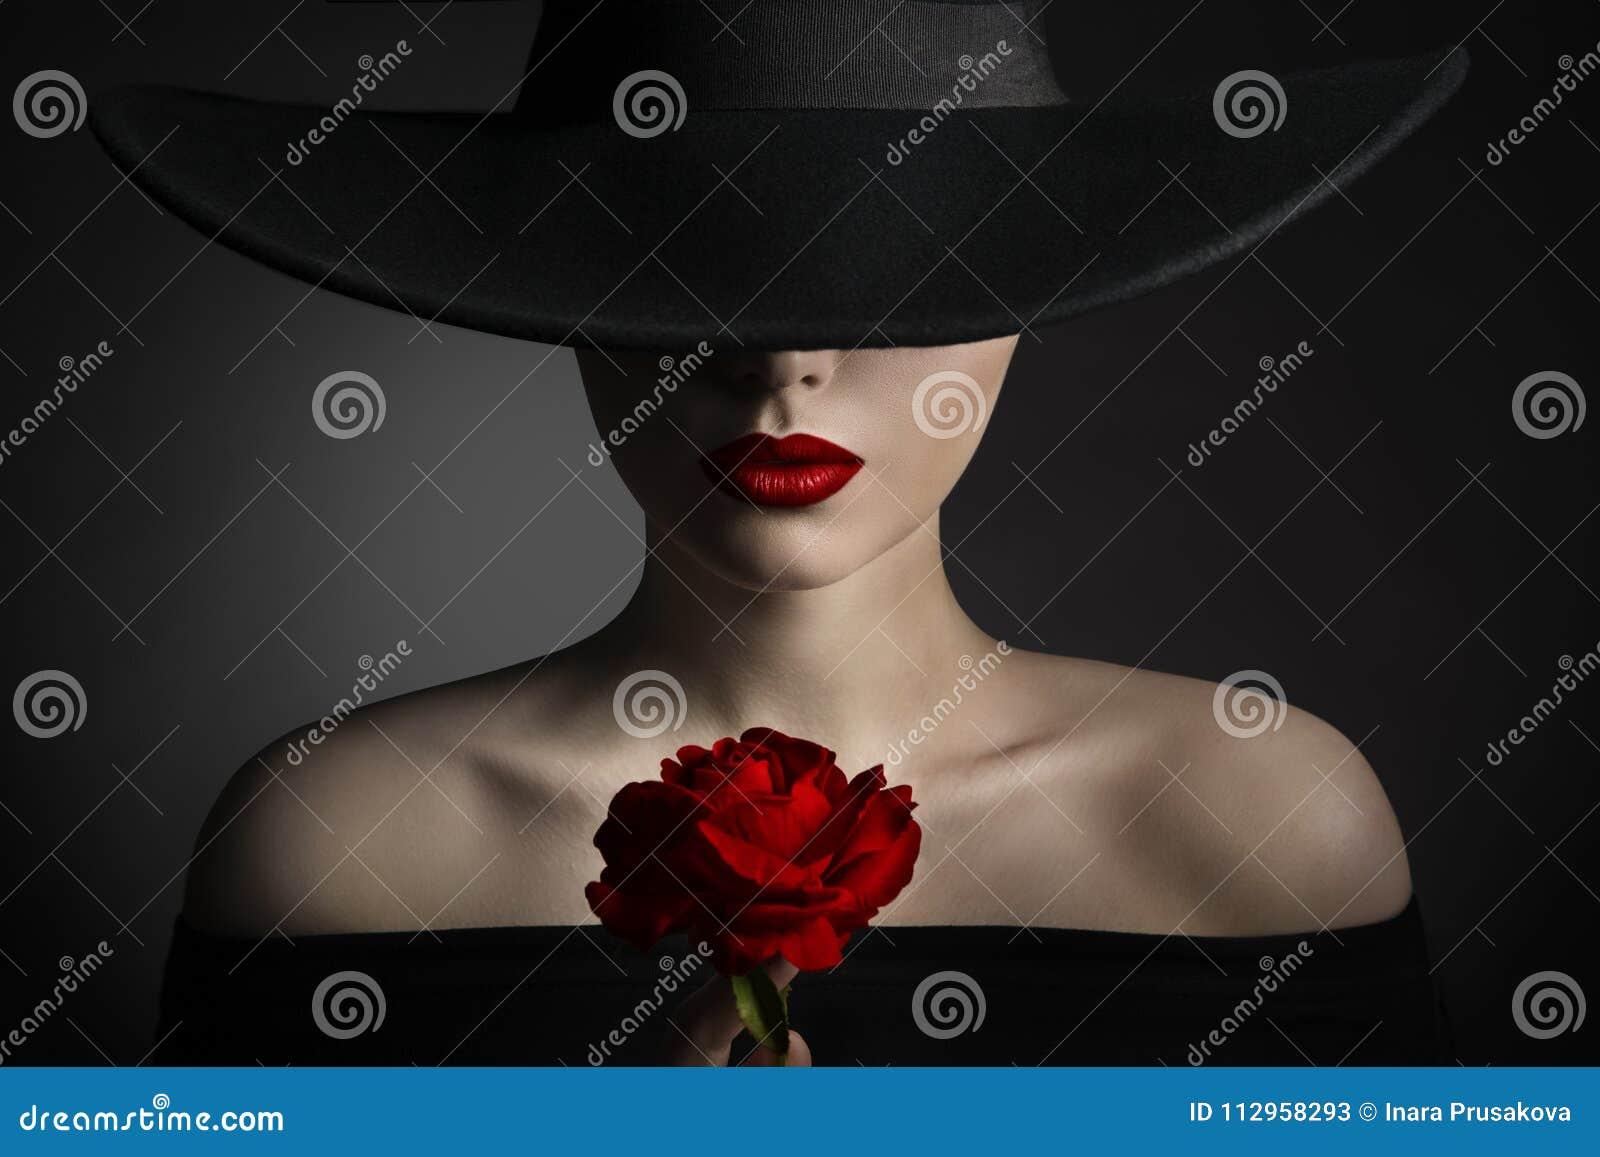 Rose Flower Woman Lips rouge et chapeau noir, mannequin Beauty